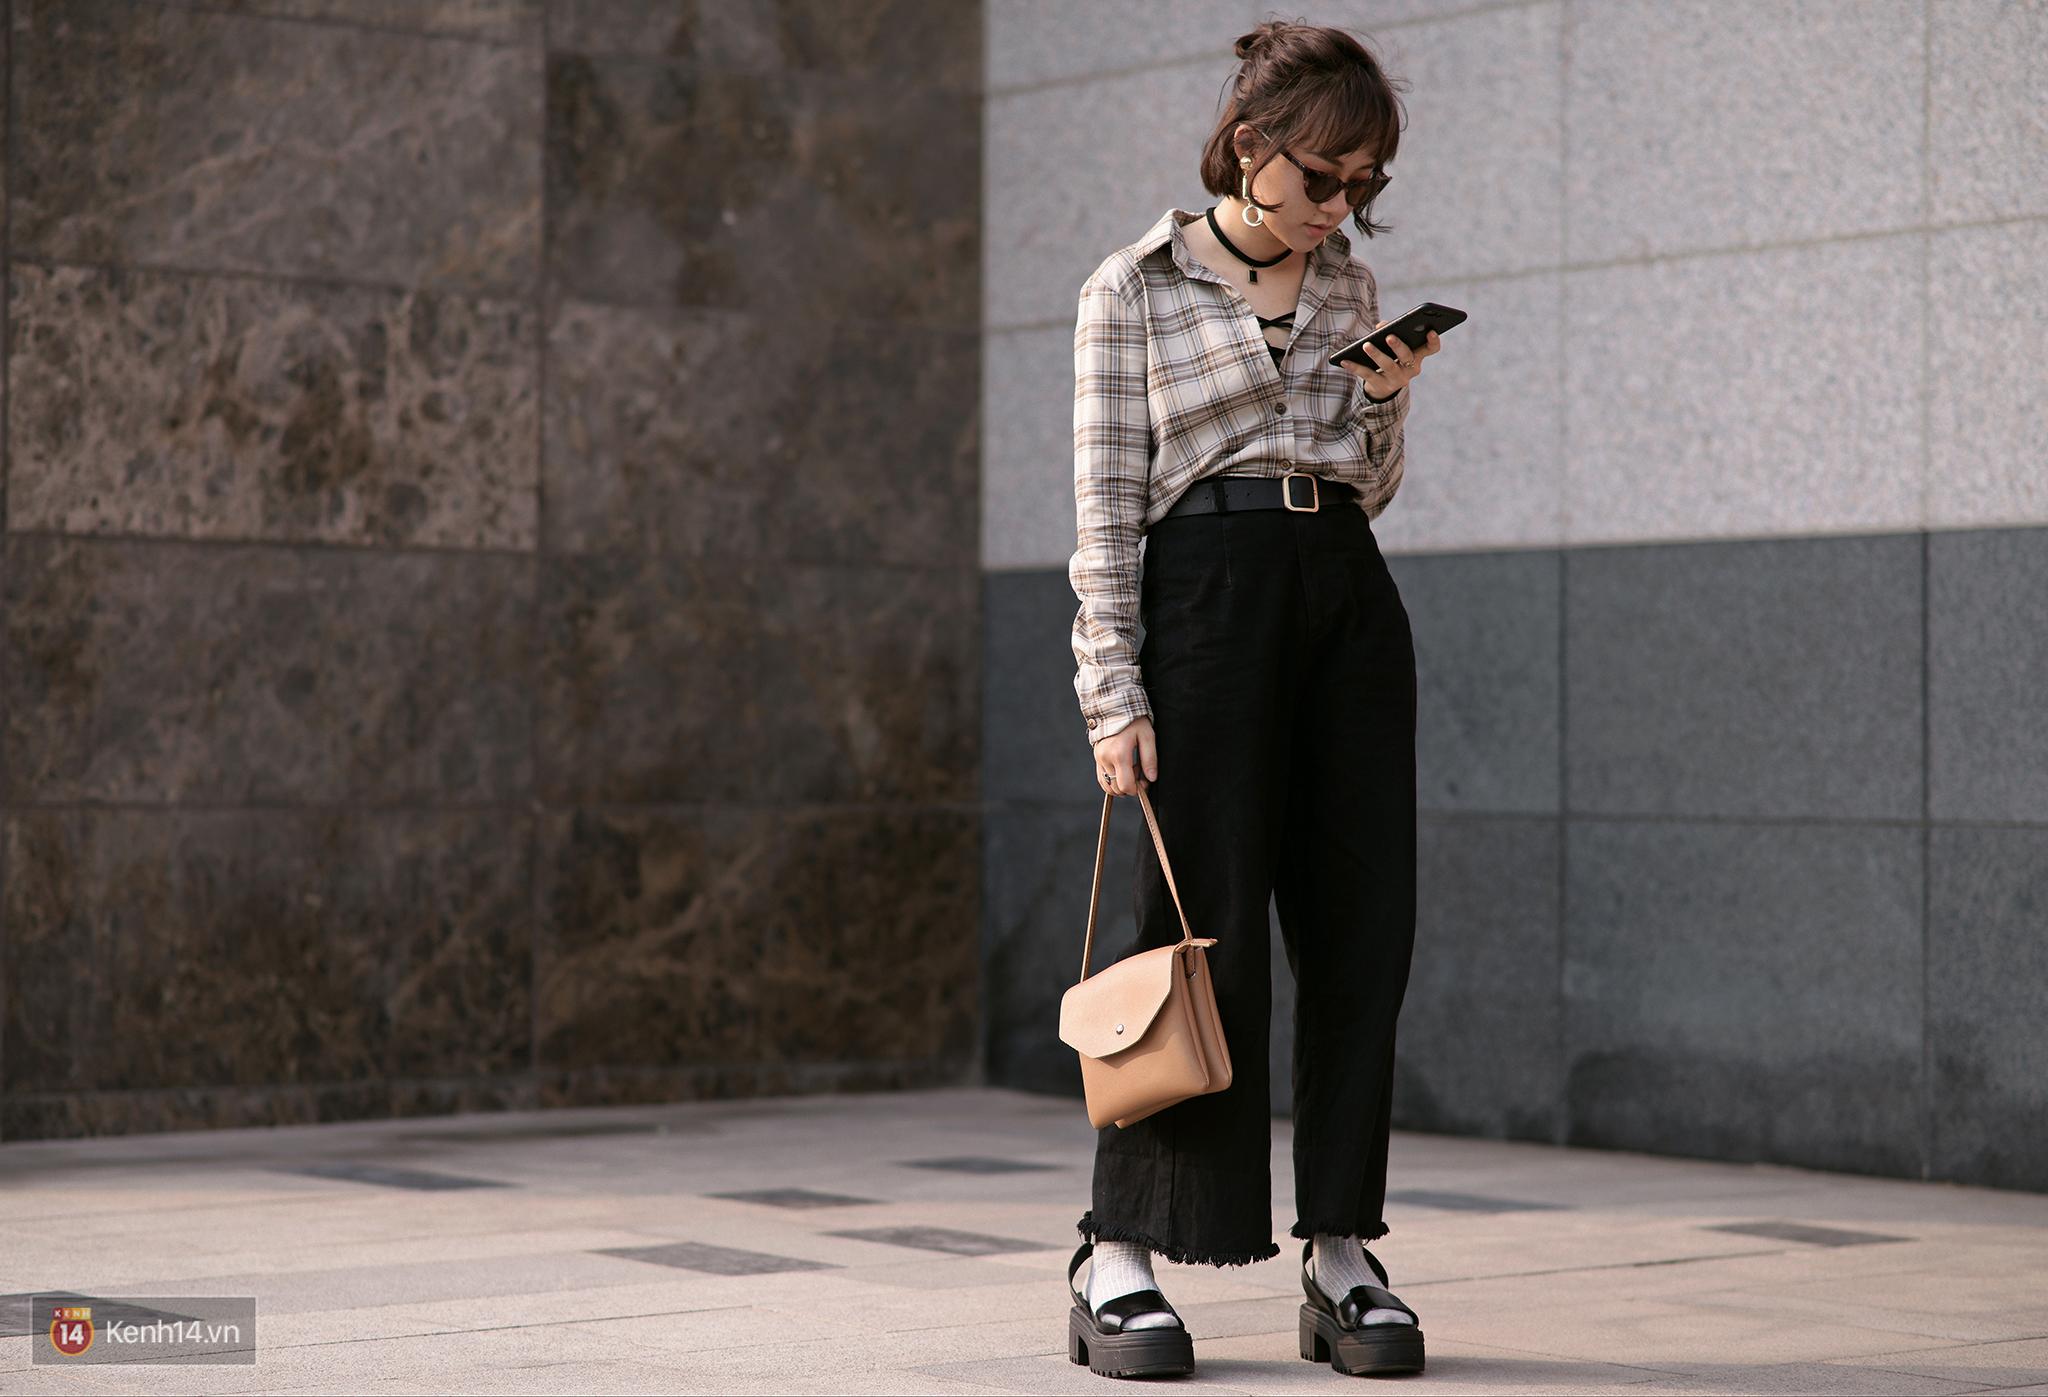 Ngắm street style tươi roi rói của giới trẻ 2 miền, bạn sẽ thấy thích diện đồ màu mè ngay lập tức - Ảnh 7.